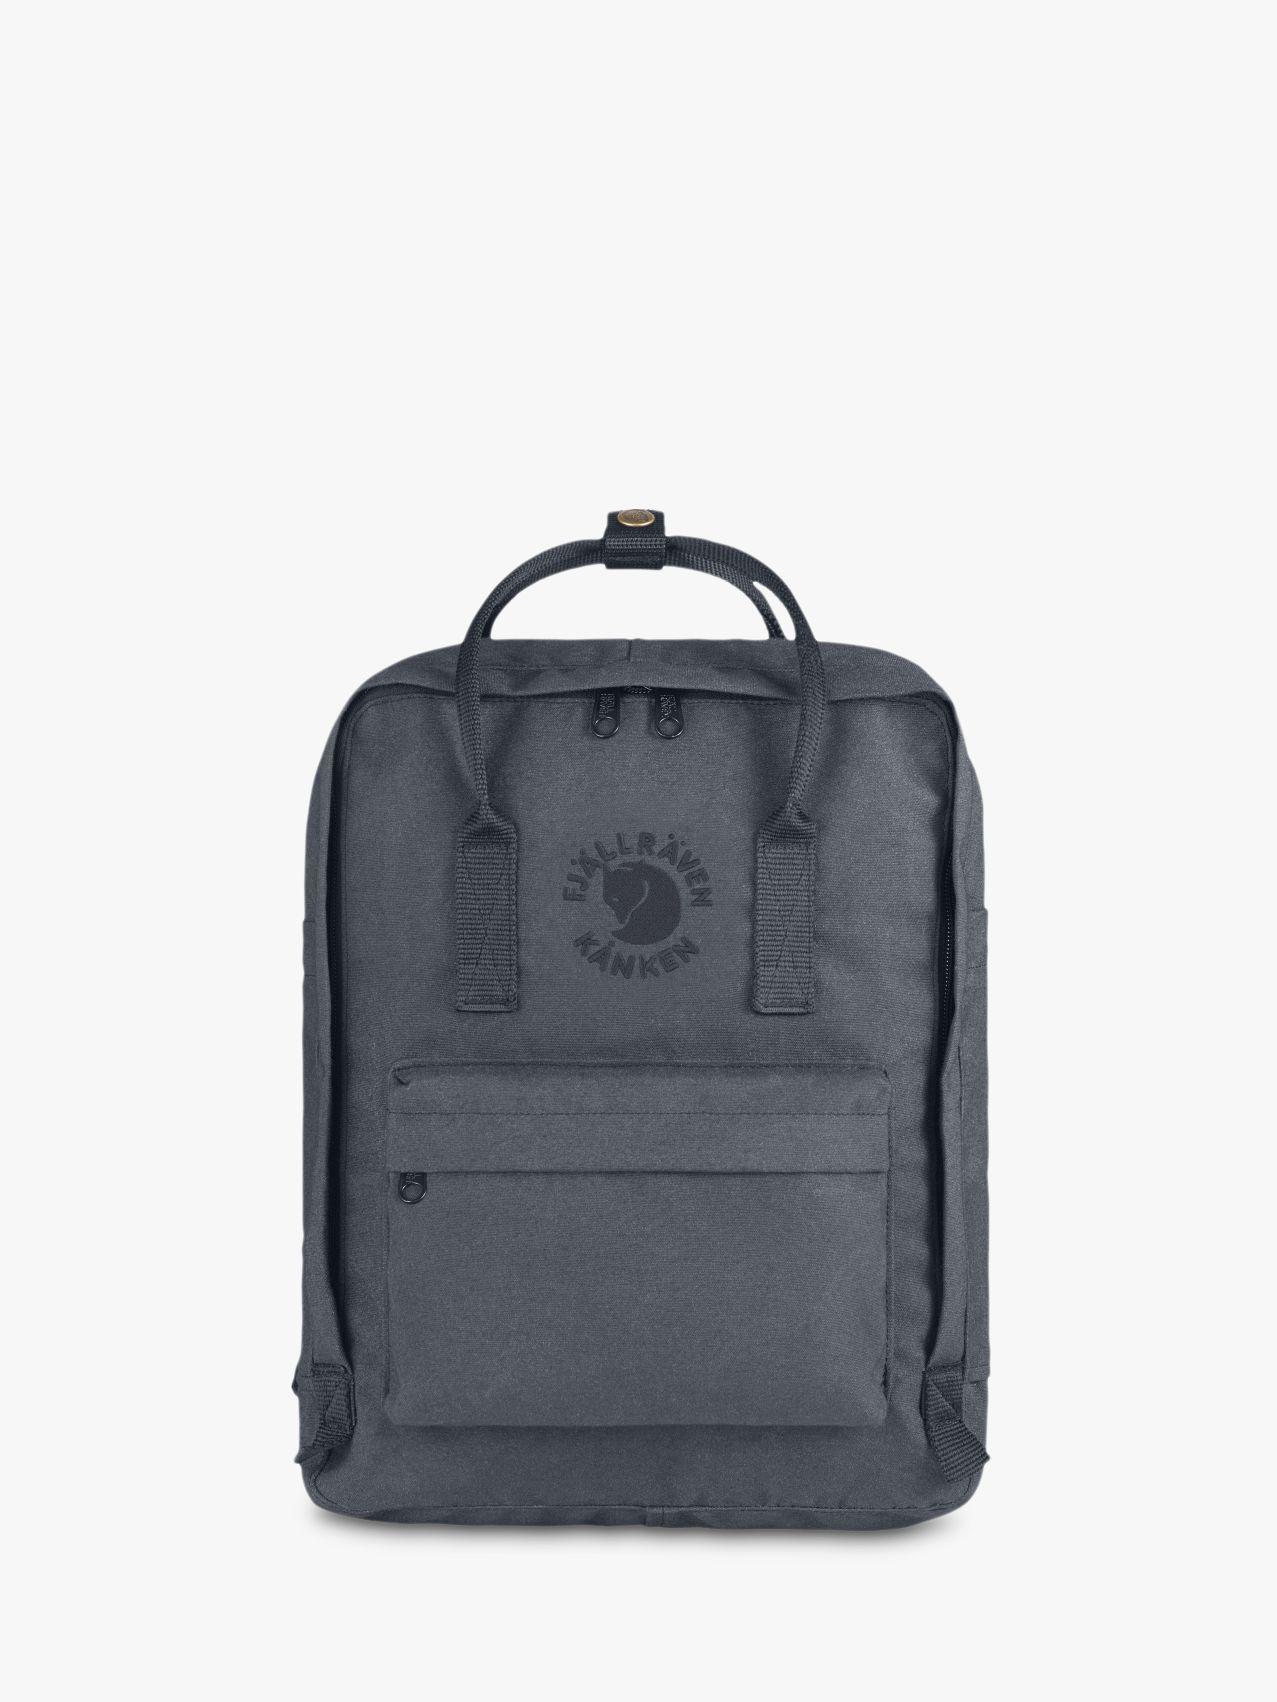 Fjallraven Fjällräven Re-Kånken Backpack